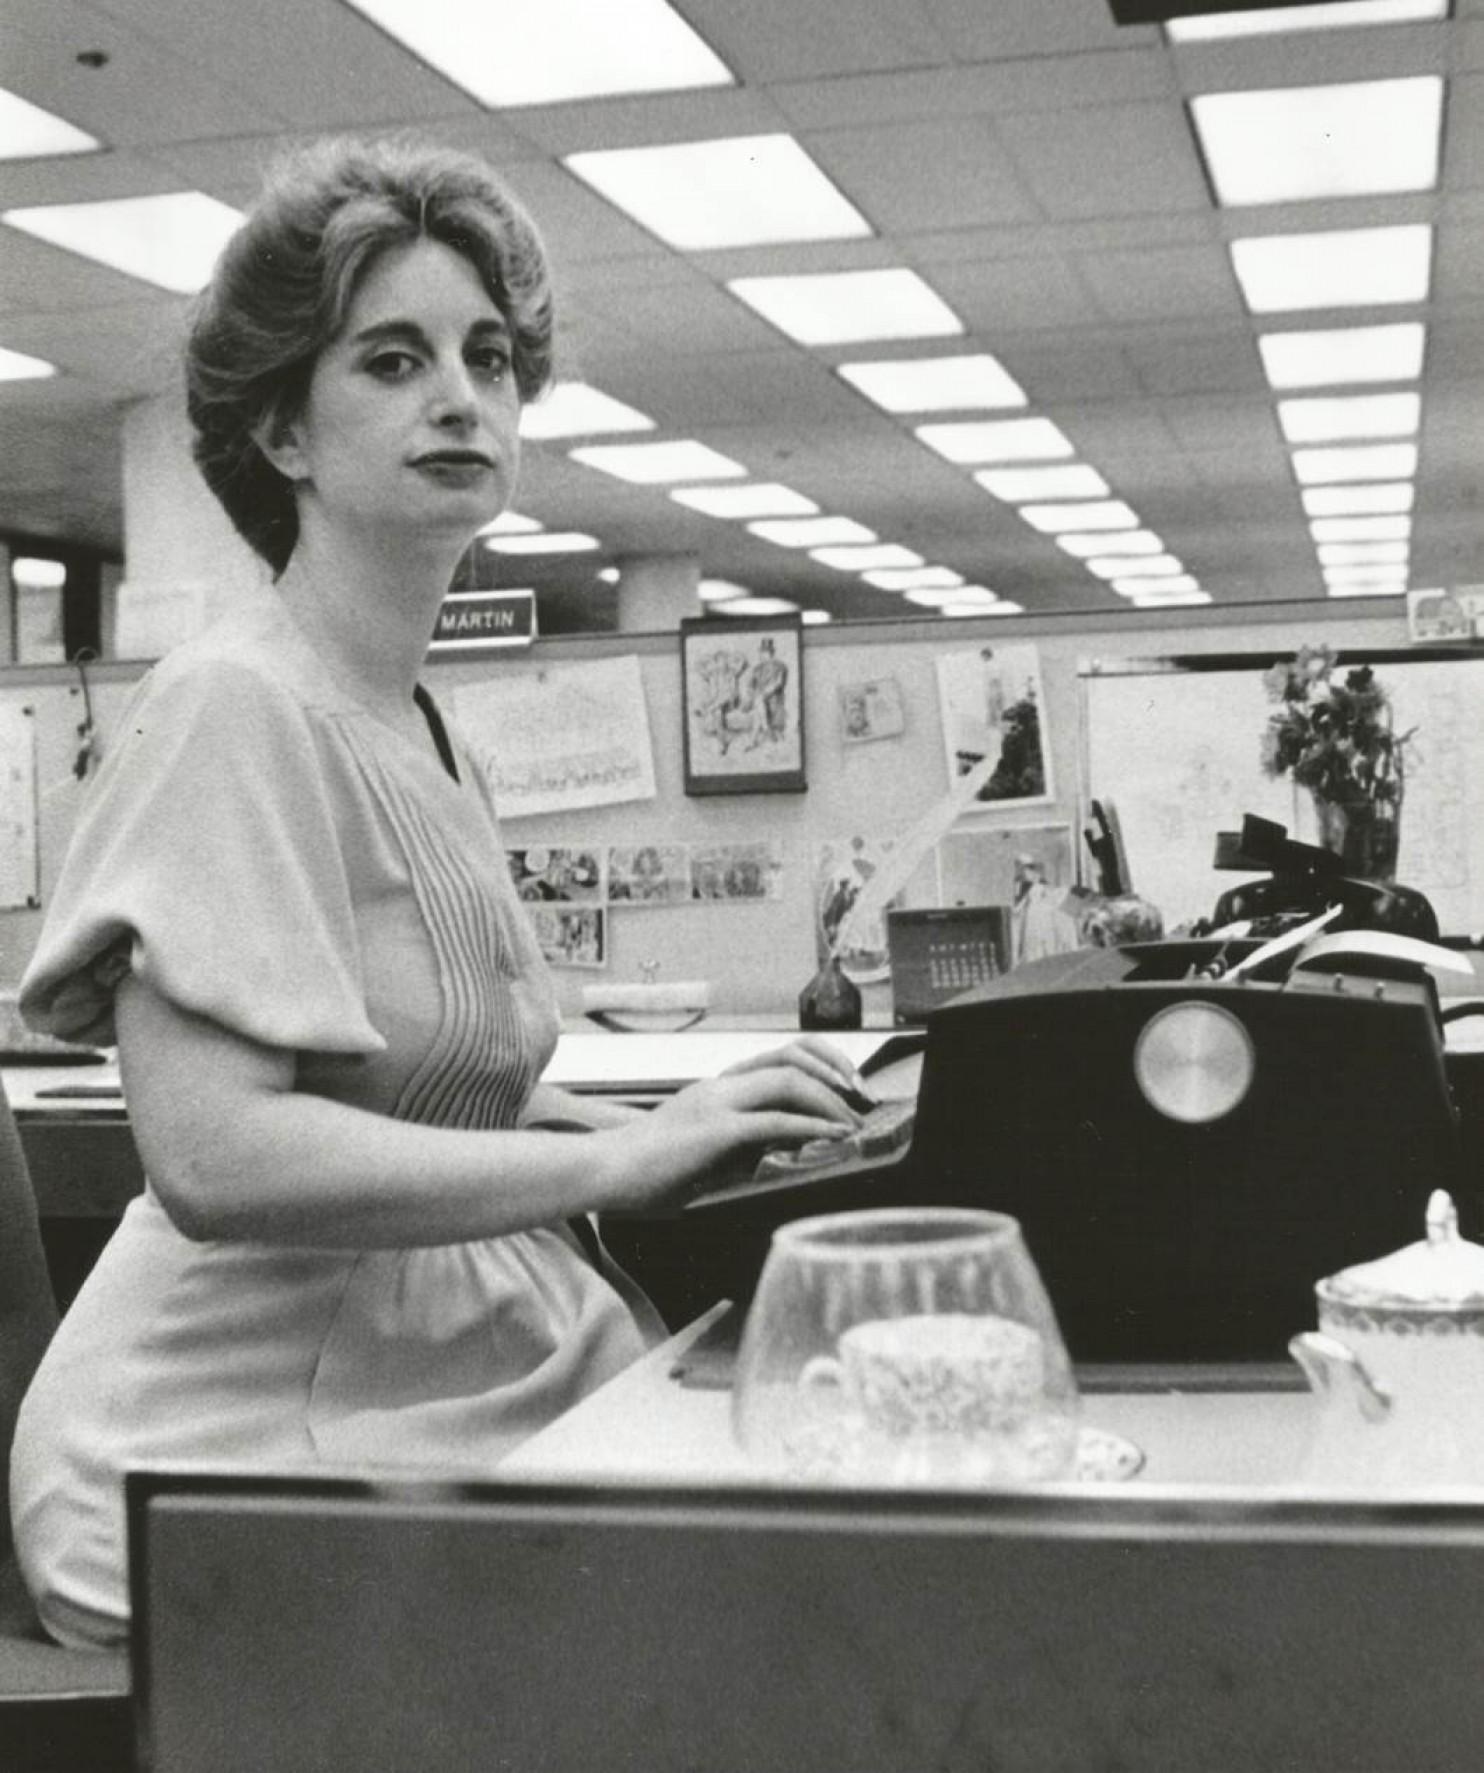 Η Miss Manners, επί το έργον, καθώς γράφει τη στήλη της στην Washington Post